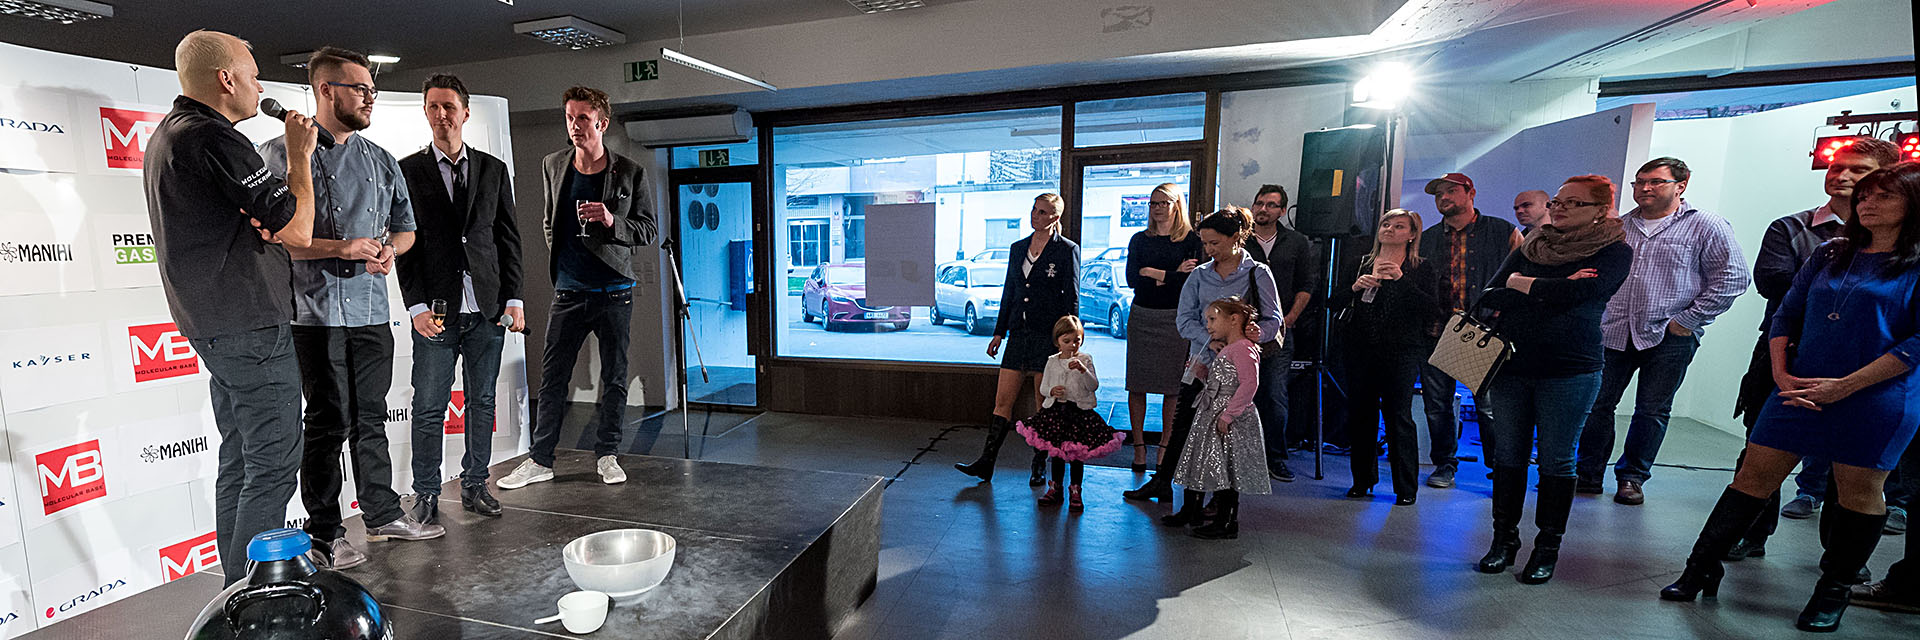 reportážní fotografování / fotograf Vojtěch Pavelčík